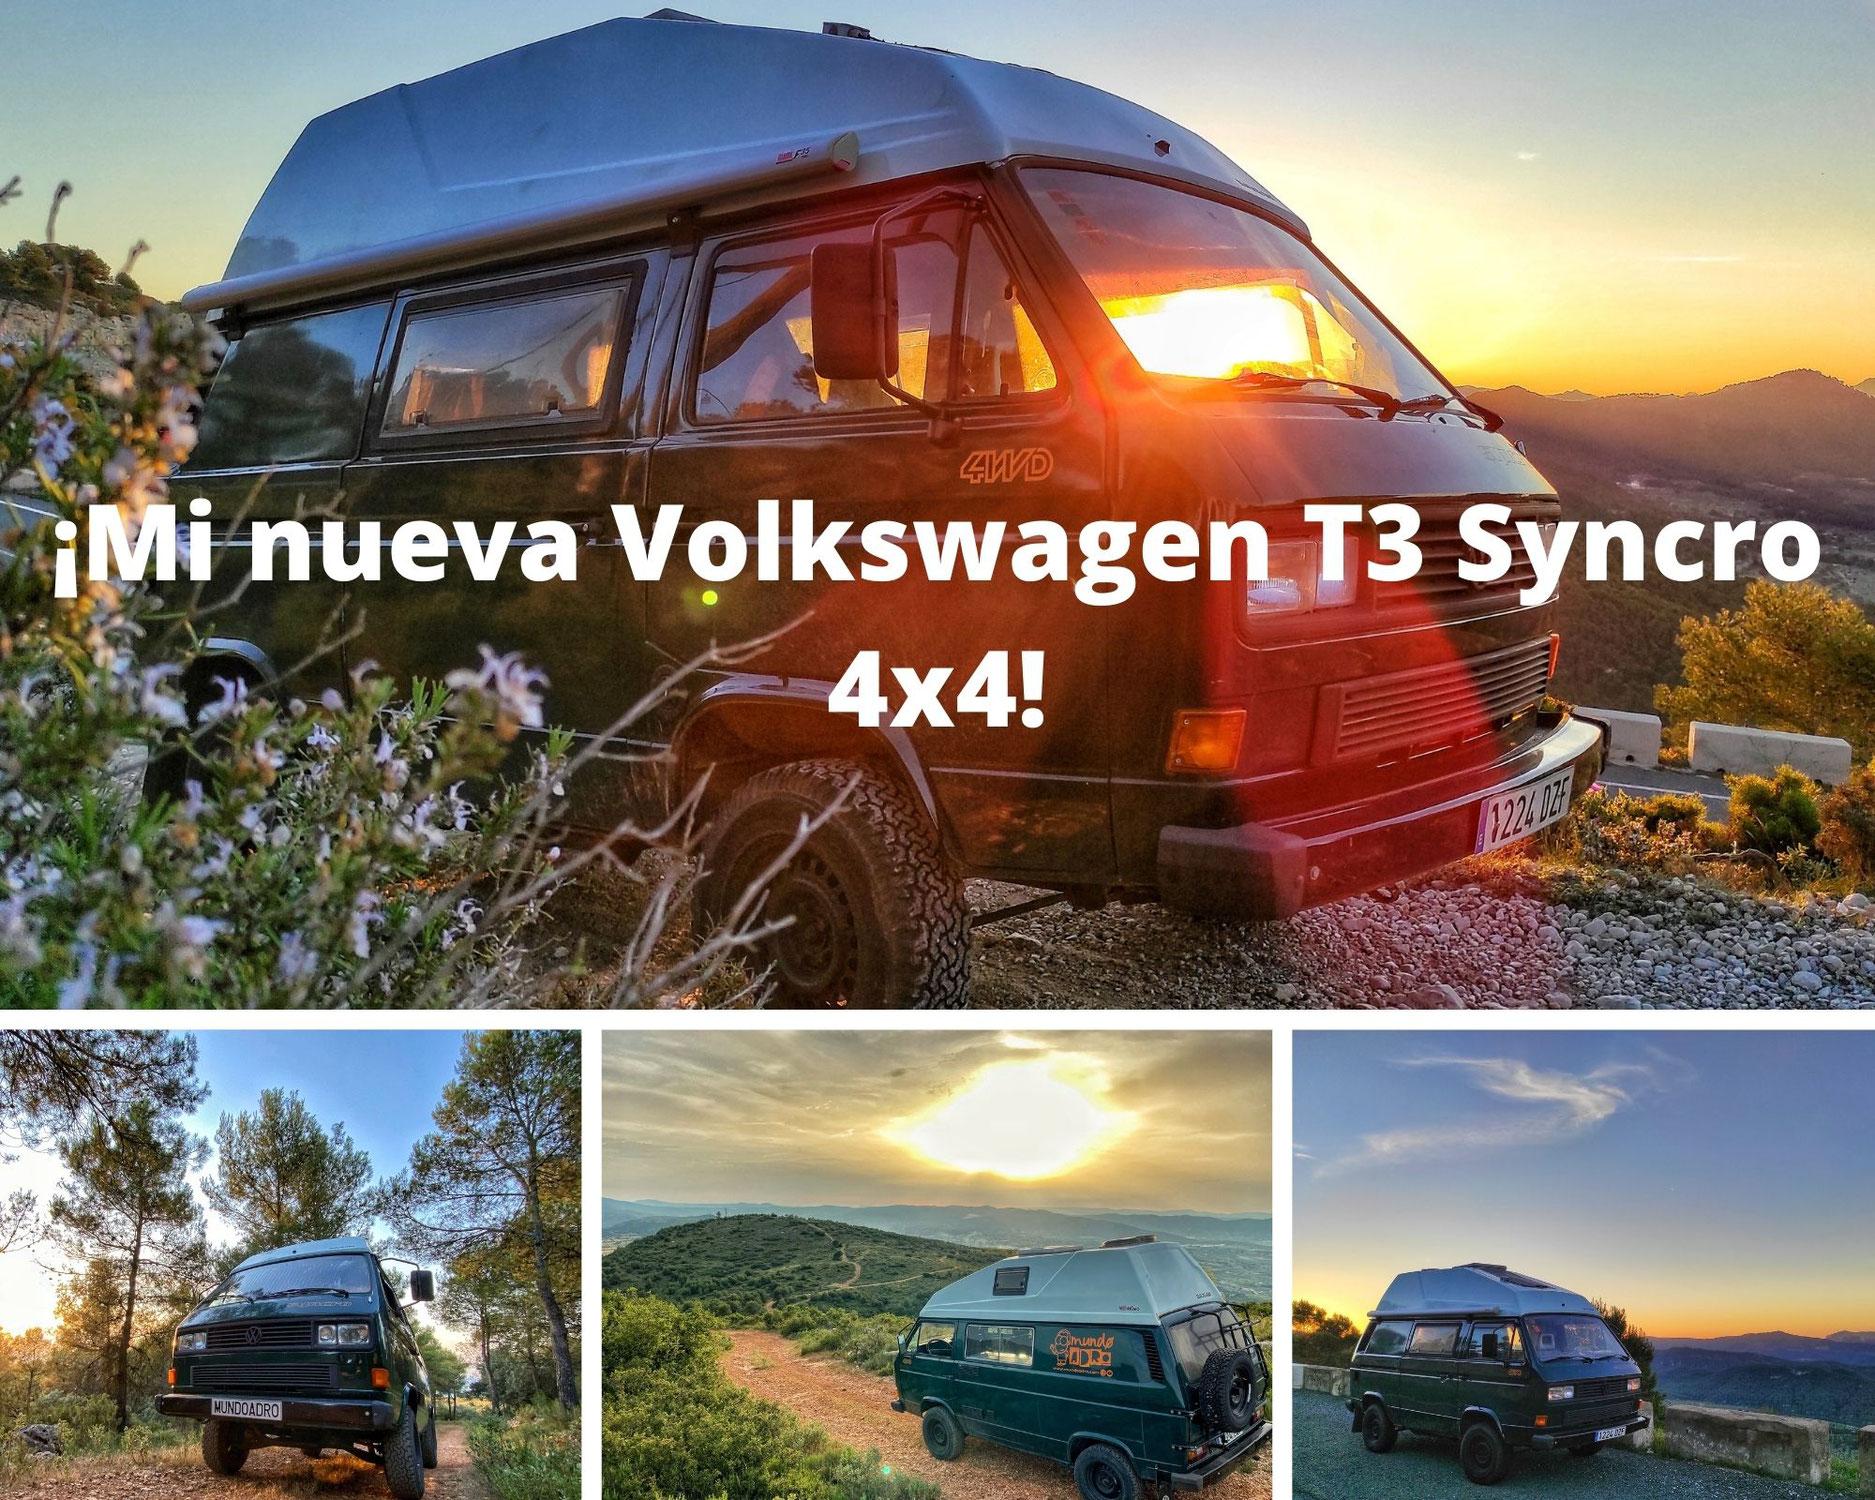 ¡Estreno nueva furgo! Mi Volkswagen T3 Syncro 4x4